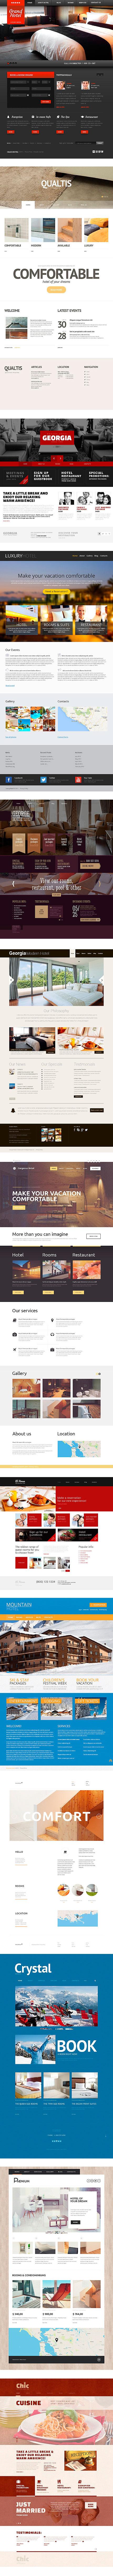 Быстрое создание сайтов для отелей и гостини в Литве. Клайпеда, Паланга, Нида, Швентои